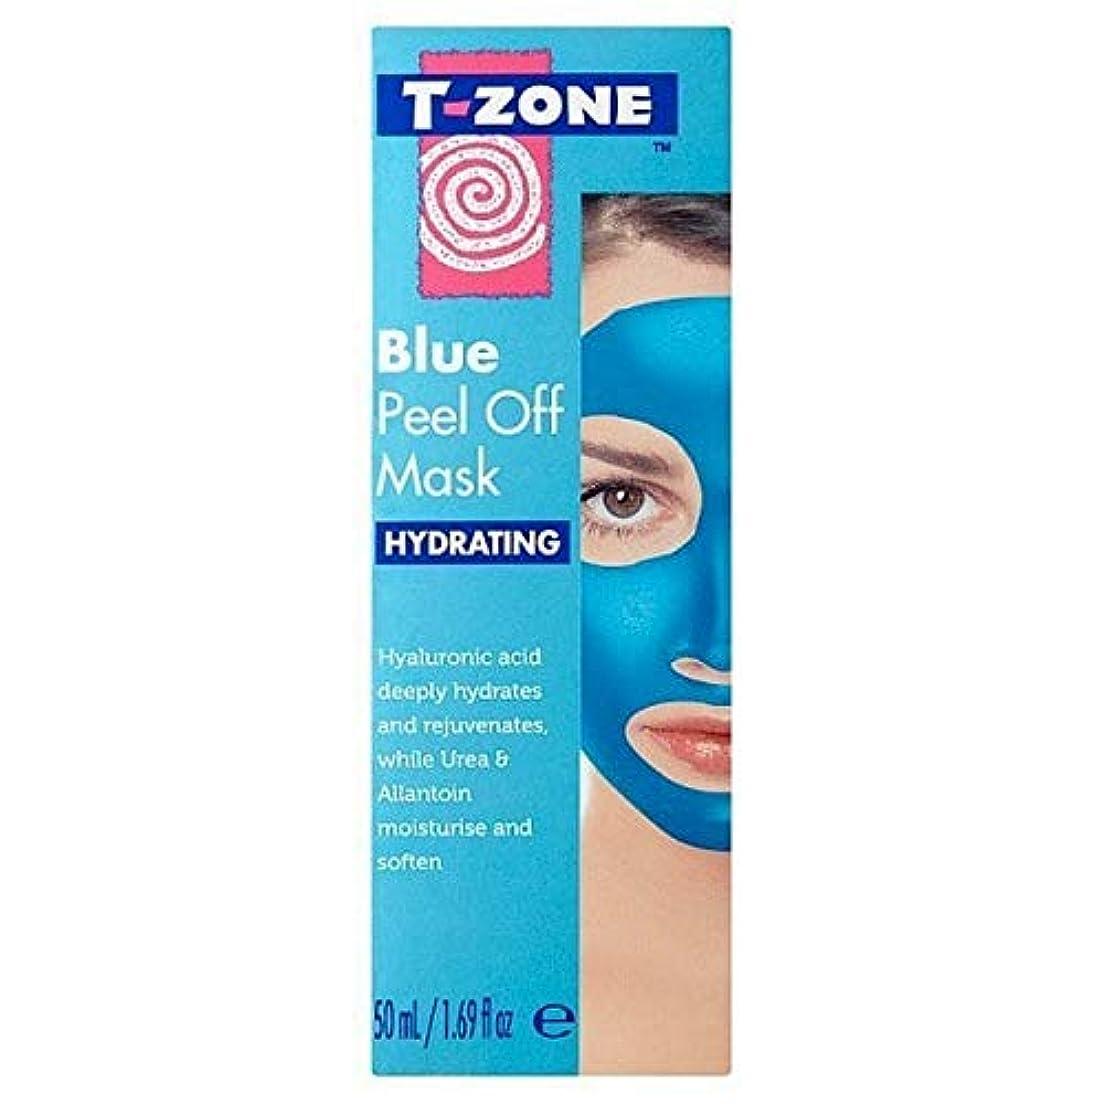 浴テロリスト逮捕[T-Zone] Tゾーン青剥がれハイドレイティングマスク50ミリリットル - T-Zone Blue Peel Off Hydrating Mask 50ml [並行輸入品]